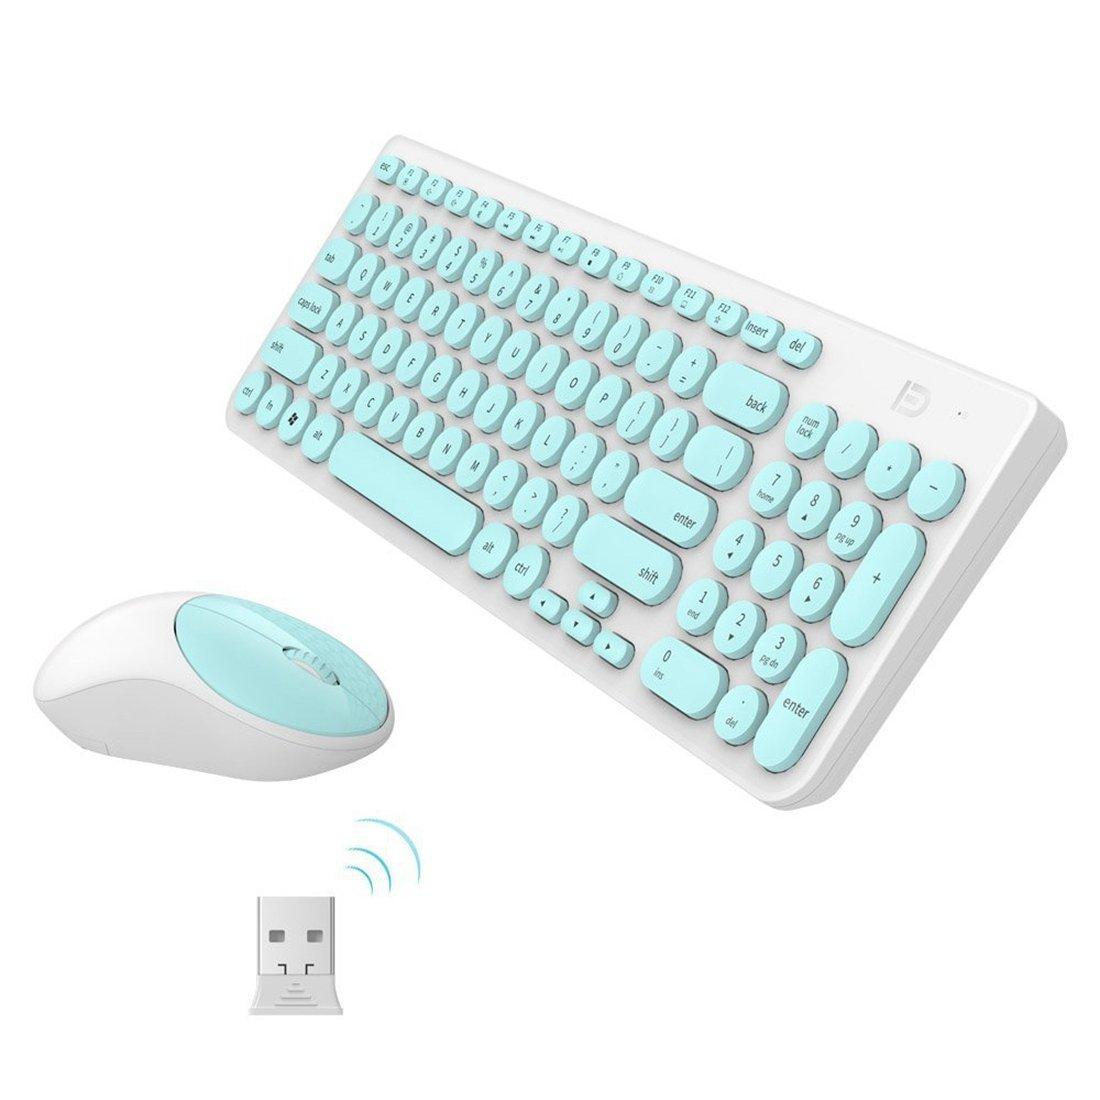 Pack de Teclado y Ratón Inalámbricos,SUAVER 2.4GHz Teclado y Ratón 12 Multimedia Compactos Silencioso y Receptor USB para PC Portátil Windows (Verde): ...